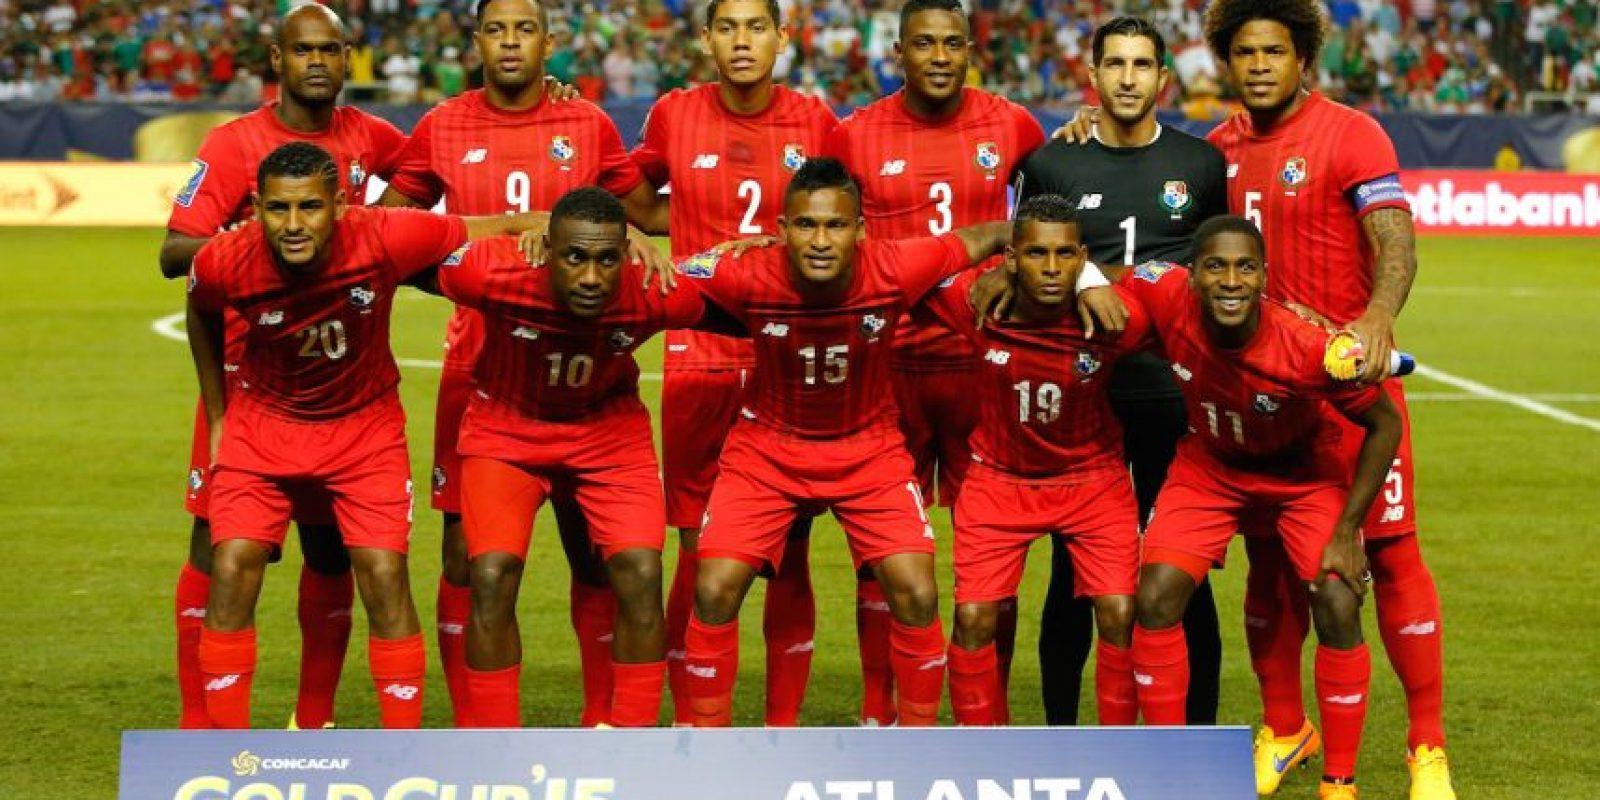 El partido terminó con los ánimos encendidos y los panameños reclamaron furiosos al árbitro que tuvo que irse del estadio escoltado. Foto:Getty Images